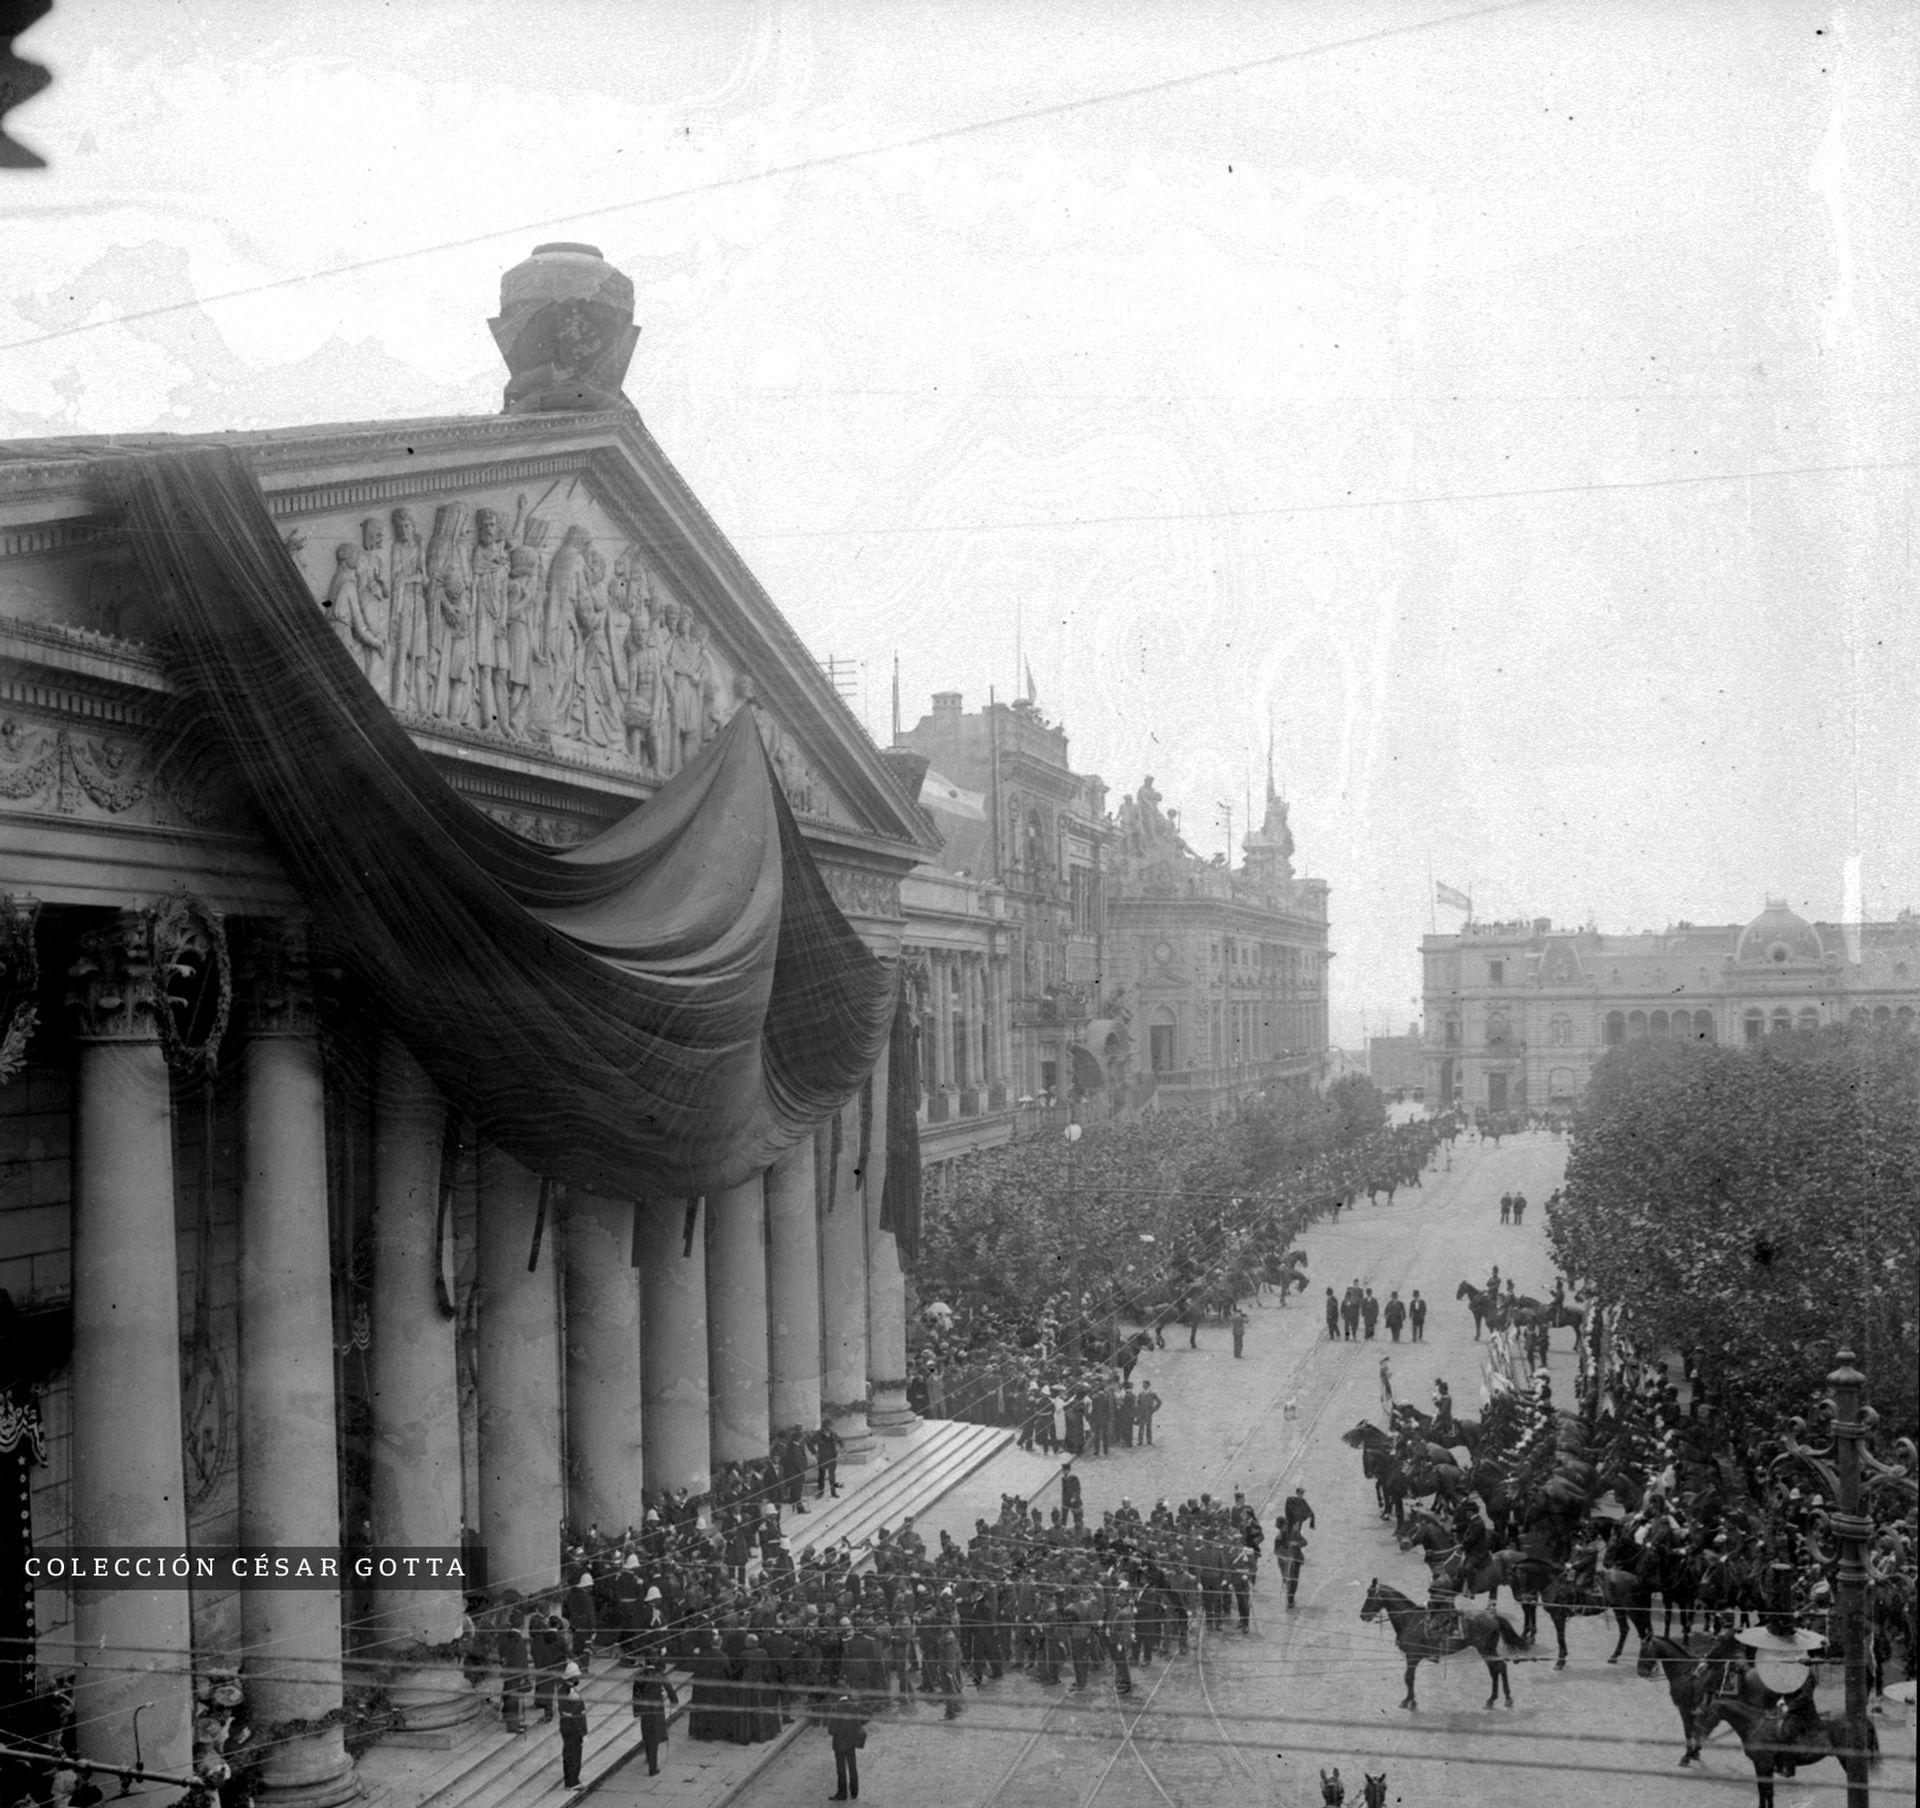 Funeral no identificado en Plaza de Mayo. circa 1895.